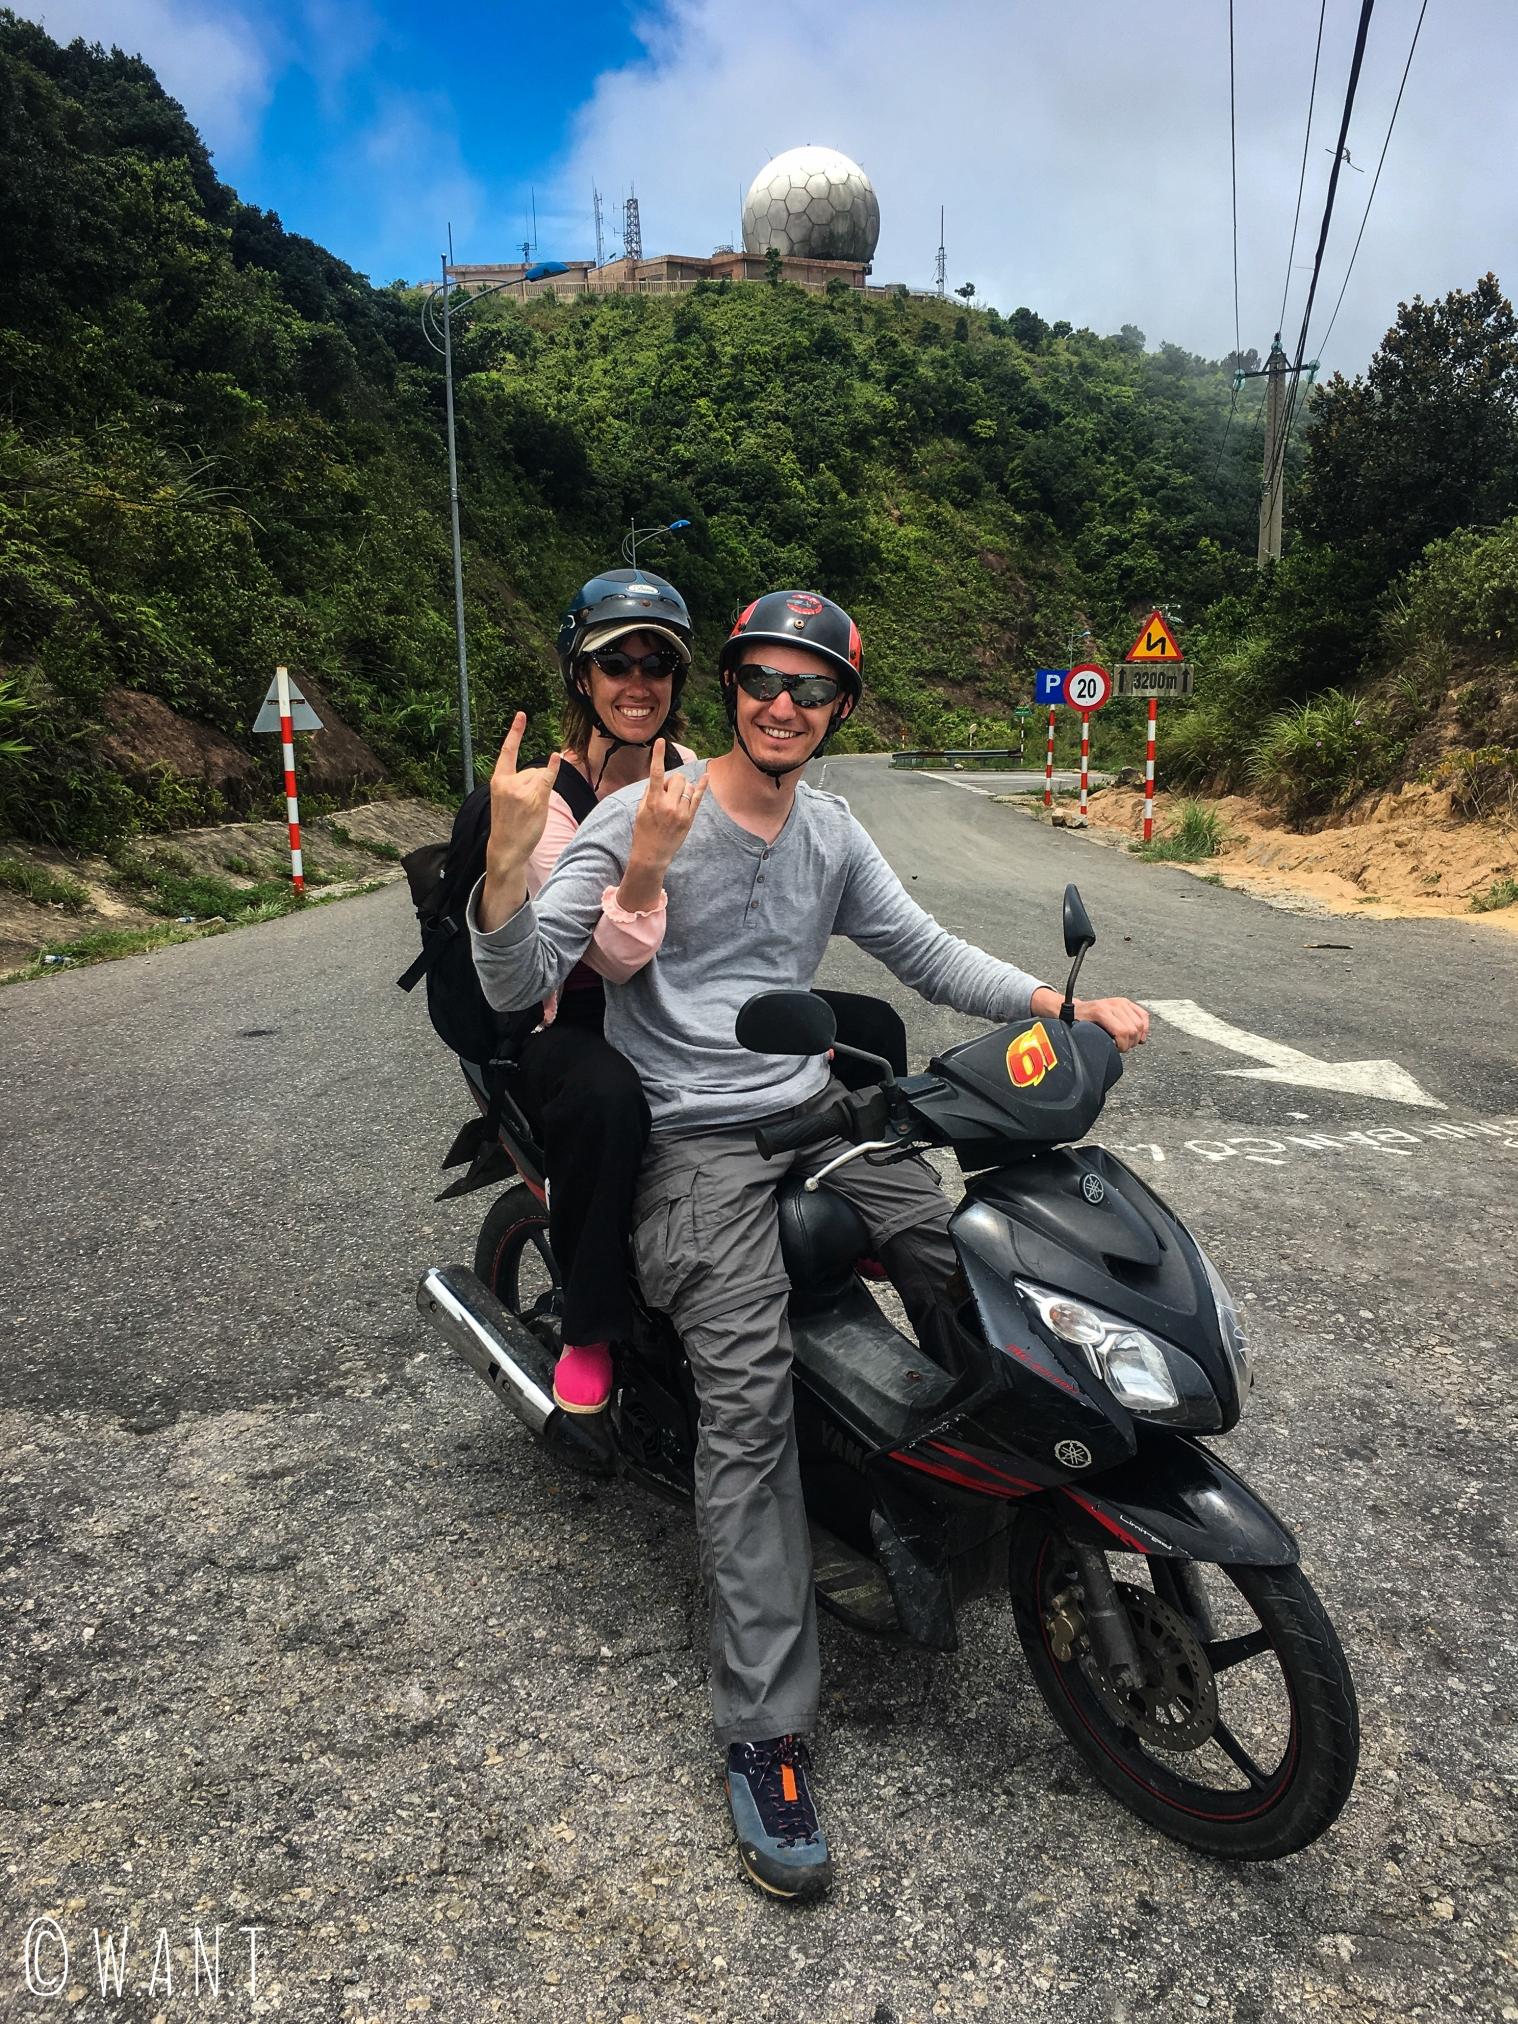 Anne et Vincent sont ravis de cette promenade en scooter sur la presqu'île Son Tra